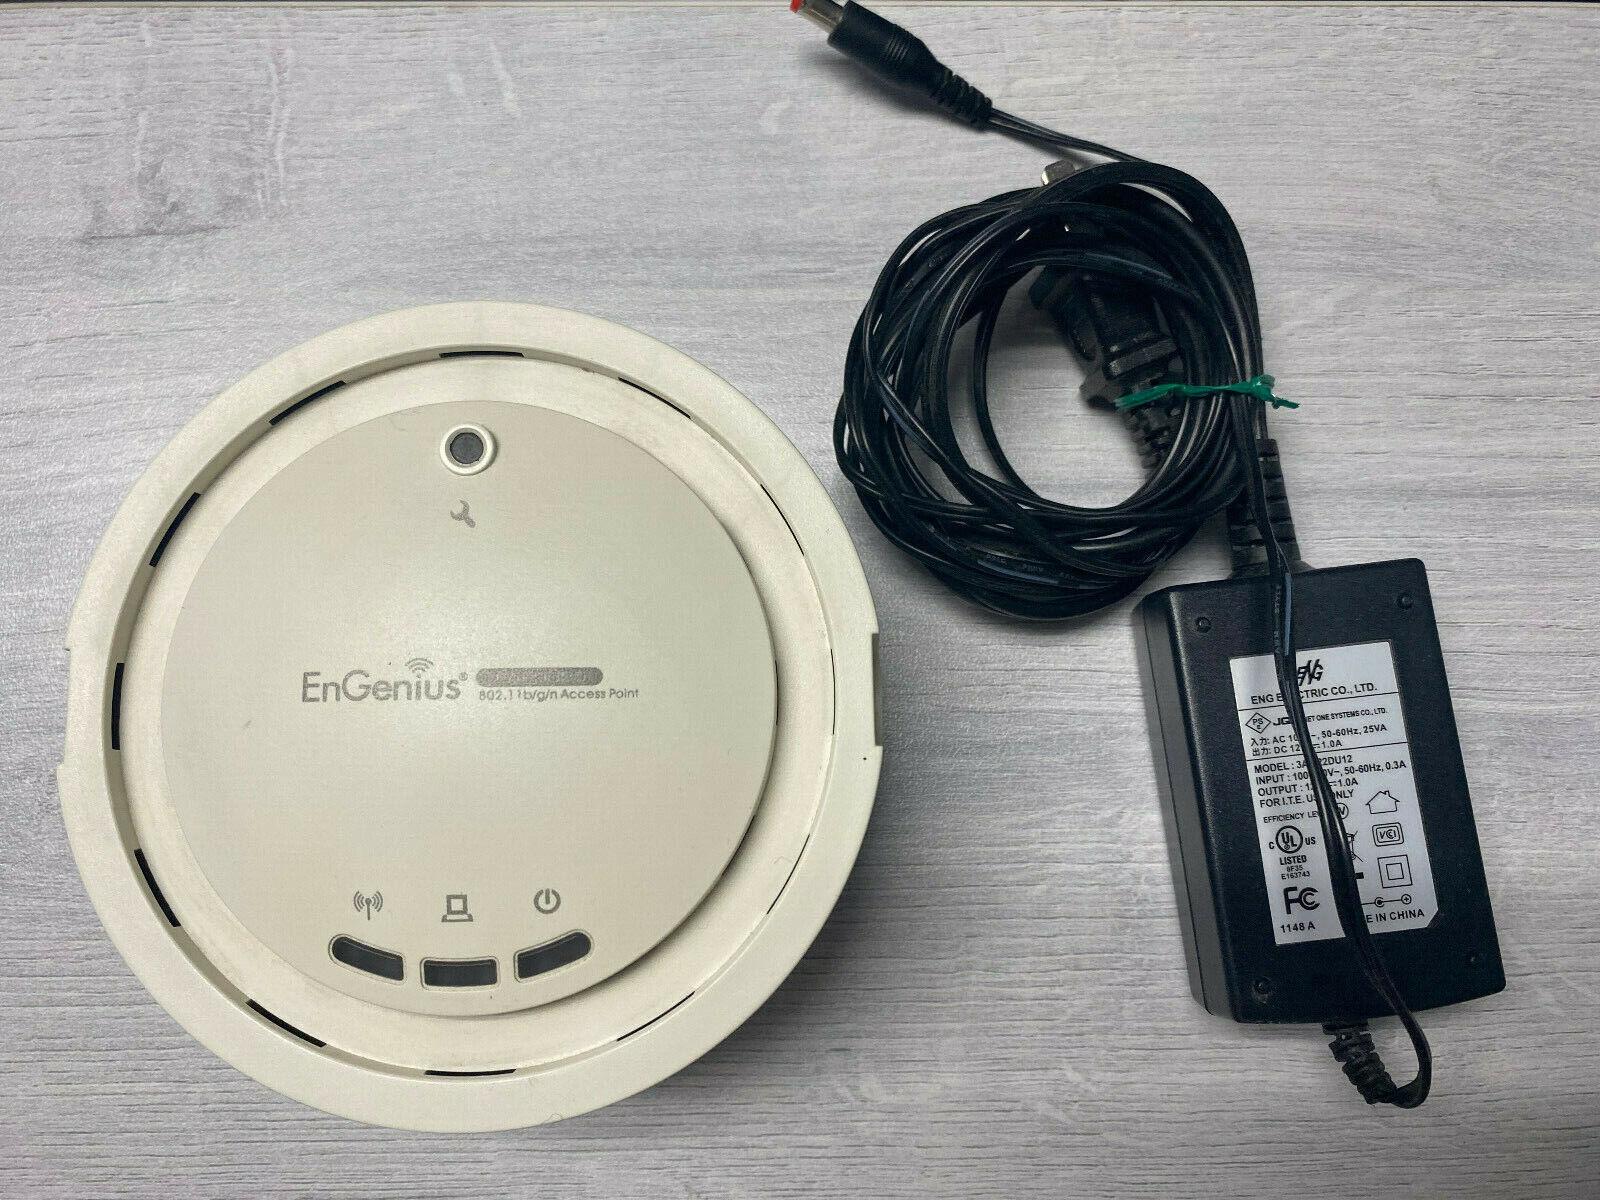 EnGenius EAP9550 802.11b/g/n Wireless Access Point - $19.00